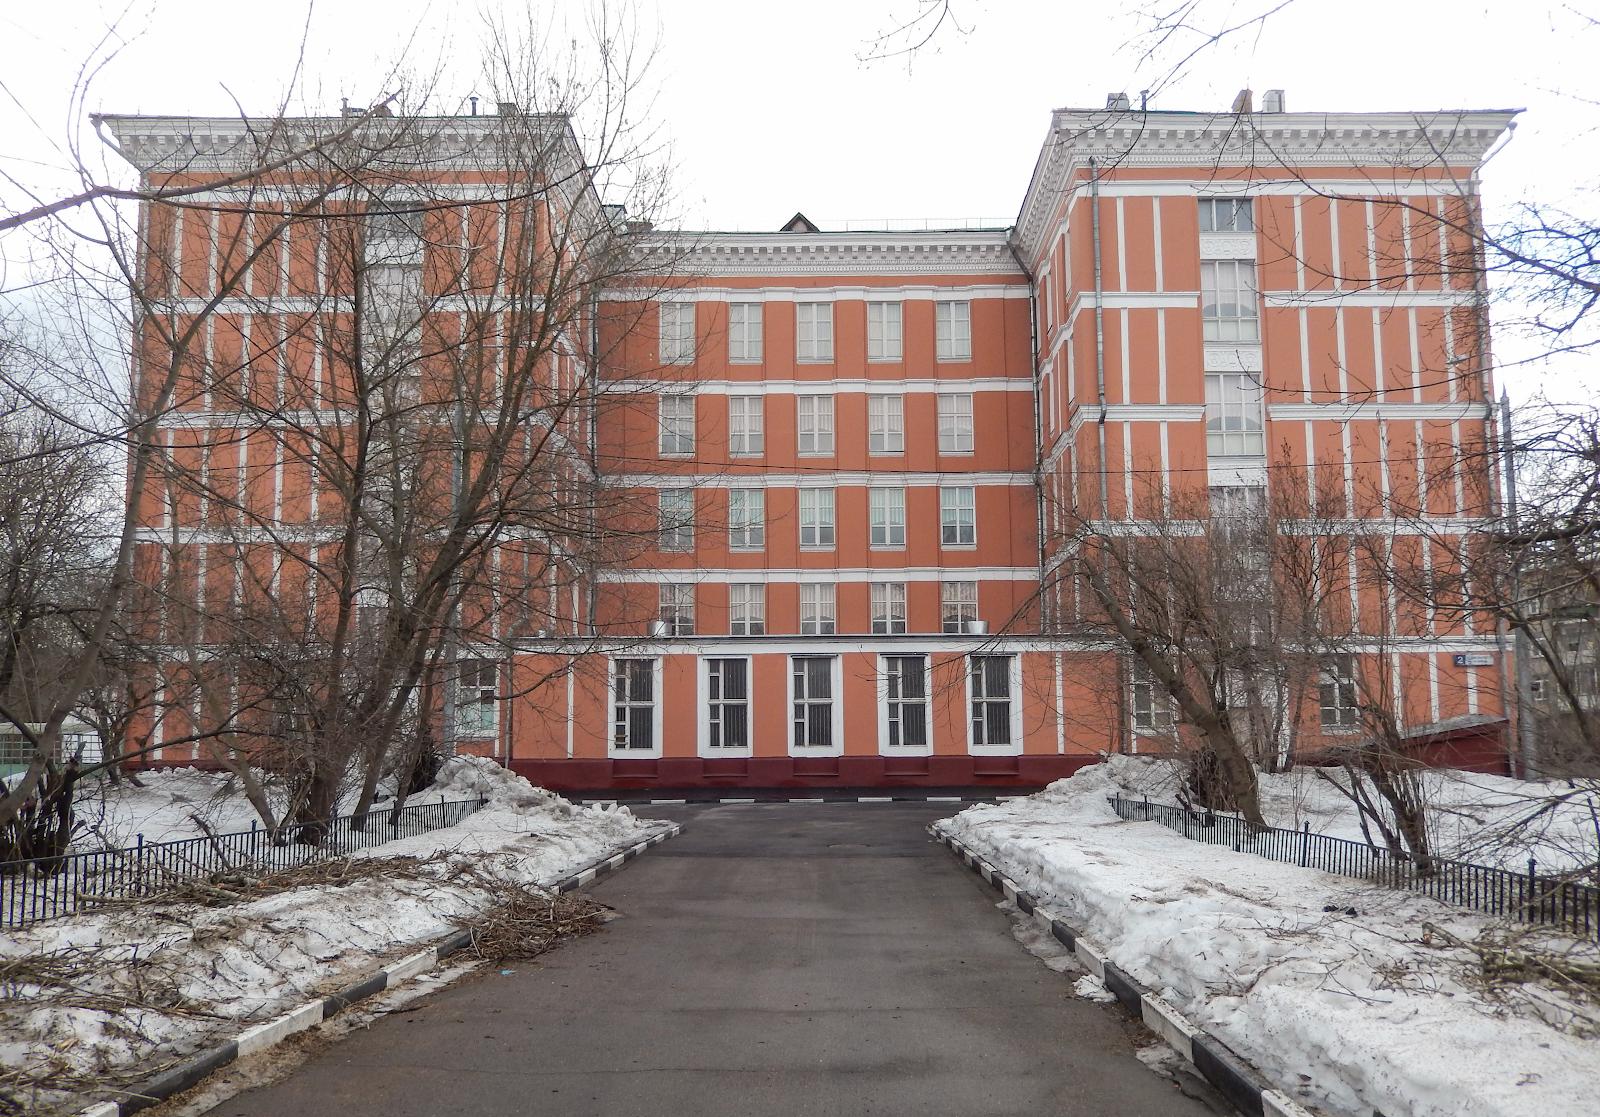 Изображение 9— Школа по 5-му проезду Подбельского вМоскве скорее всего была построена по неудачному проекту Т1. Настенах видны швы настыках блоков.